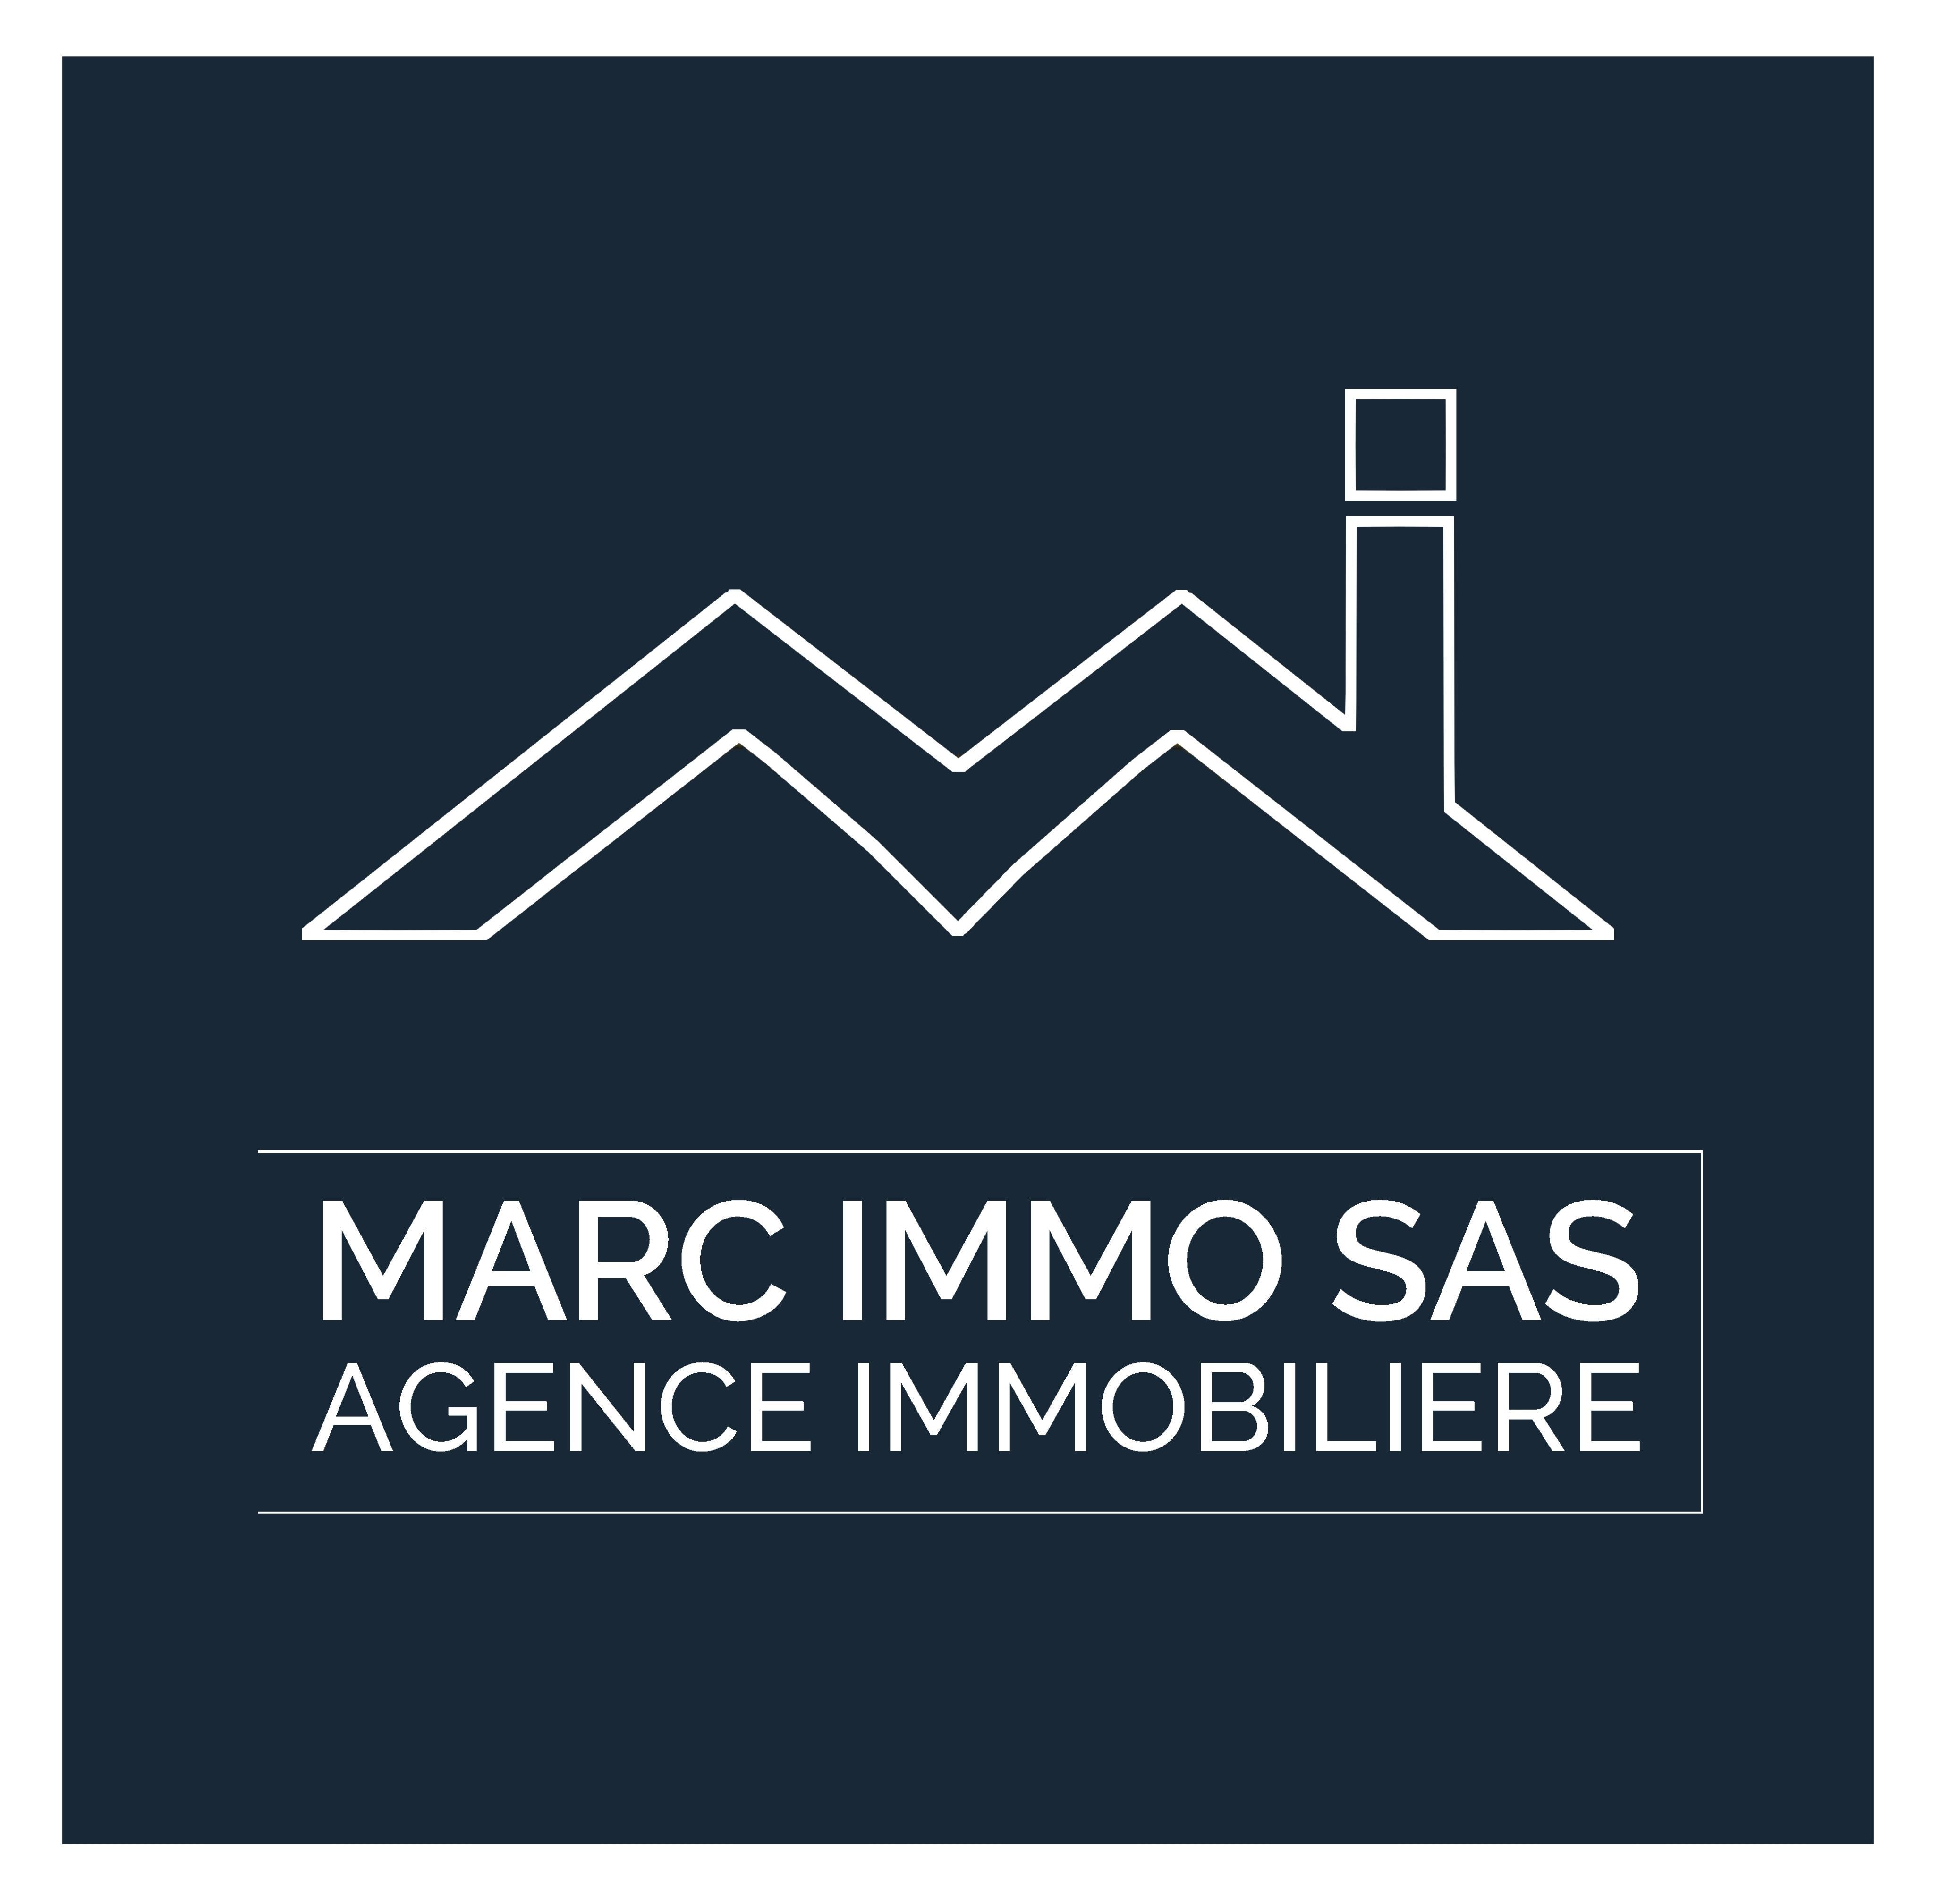 Sasu Marc Immo agence immobilière Villefranche-sur-Saône (69400)